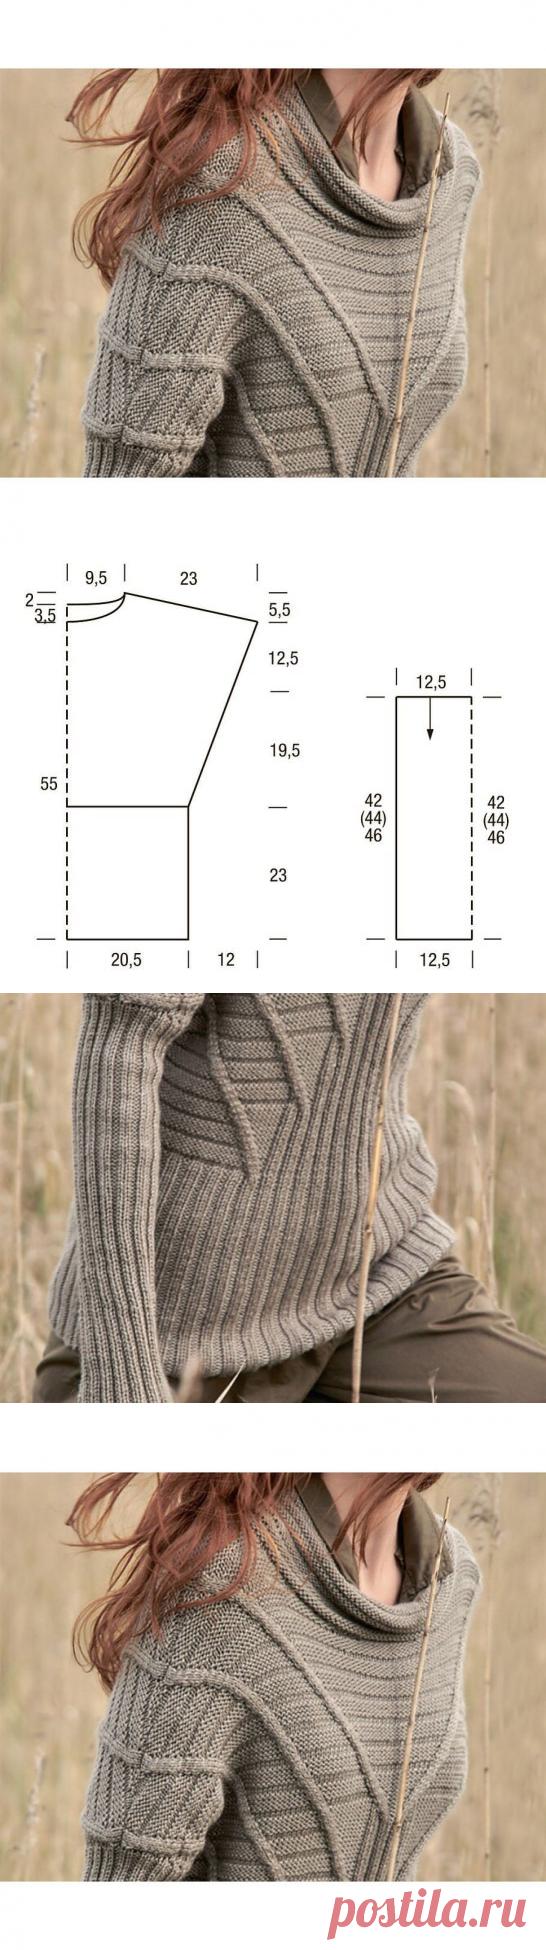 Джемпер с расходящимися полосами (Вязание спицами) – Журнал Вдохновение Рукодельницы